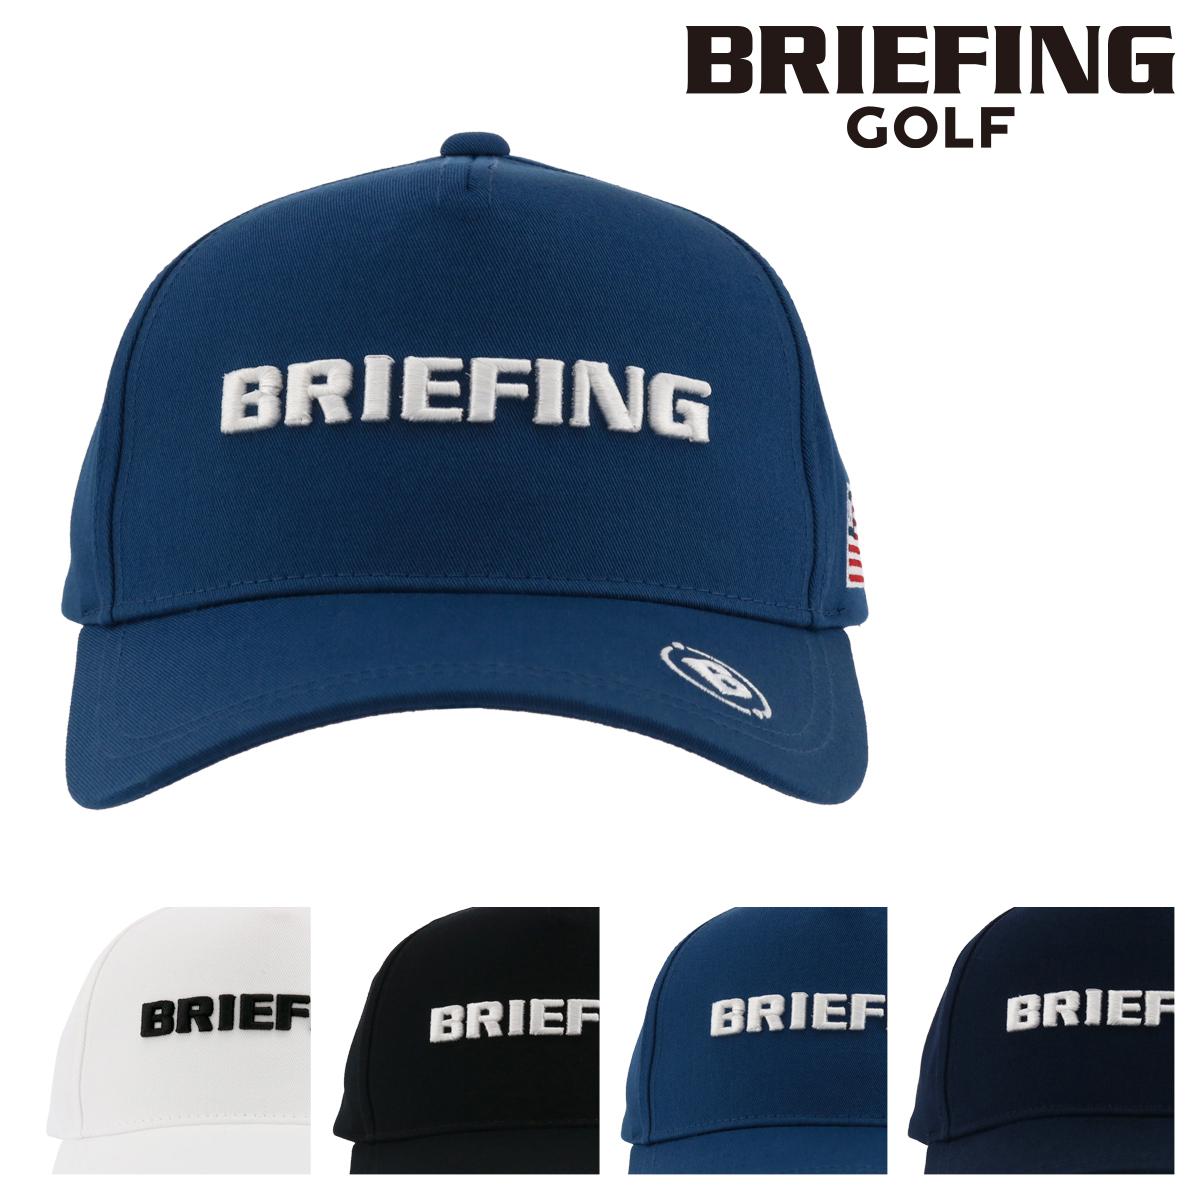 送料無料 あす楽 ブリーフィング 美品 ゴルフ キャップ メンズ BRG211M45 BRIEFING BASIC 即日発送 bef MS PO10 CAP 激安価格と即納で通信販売 帽子